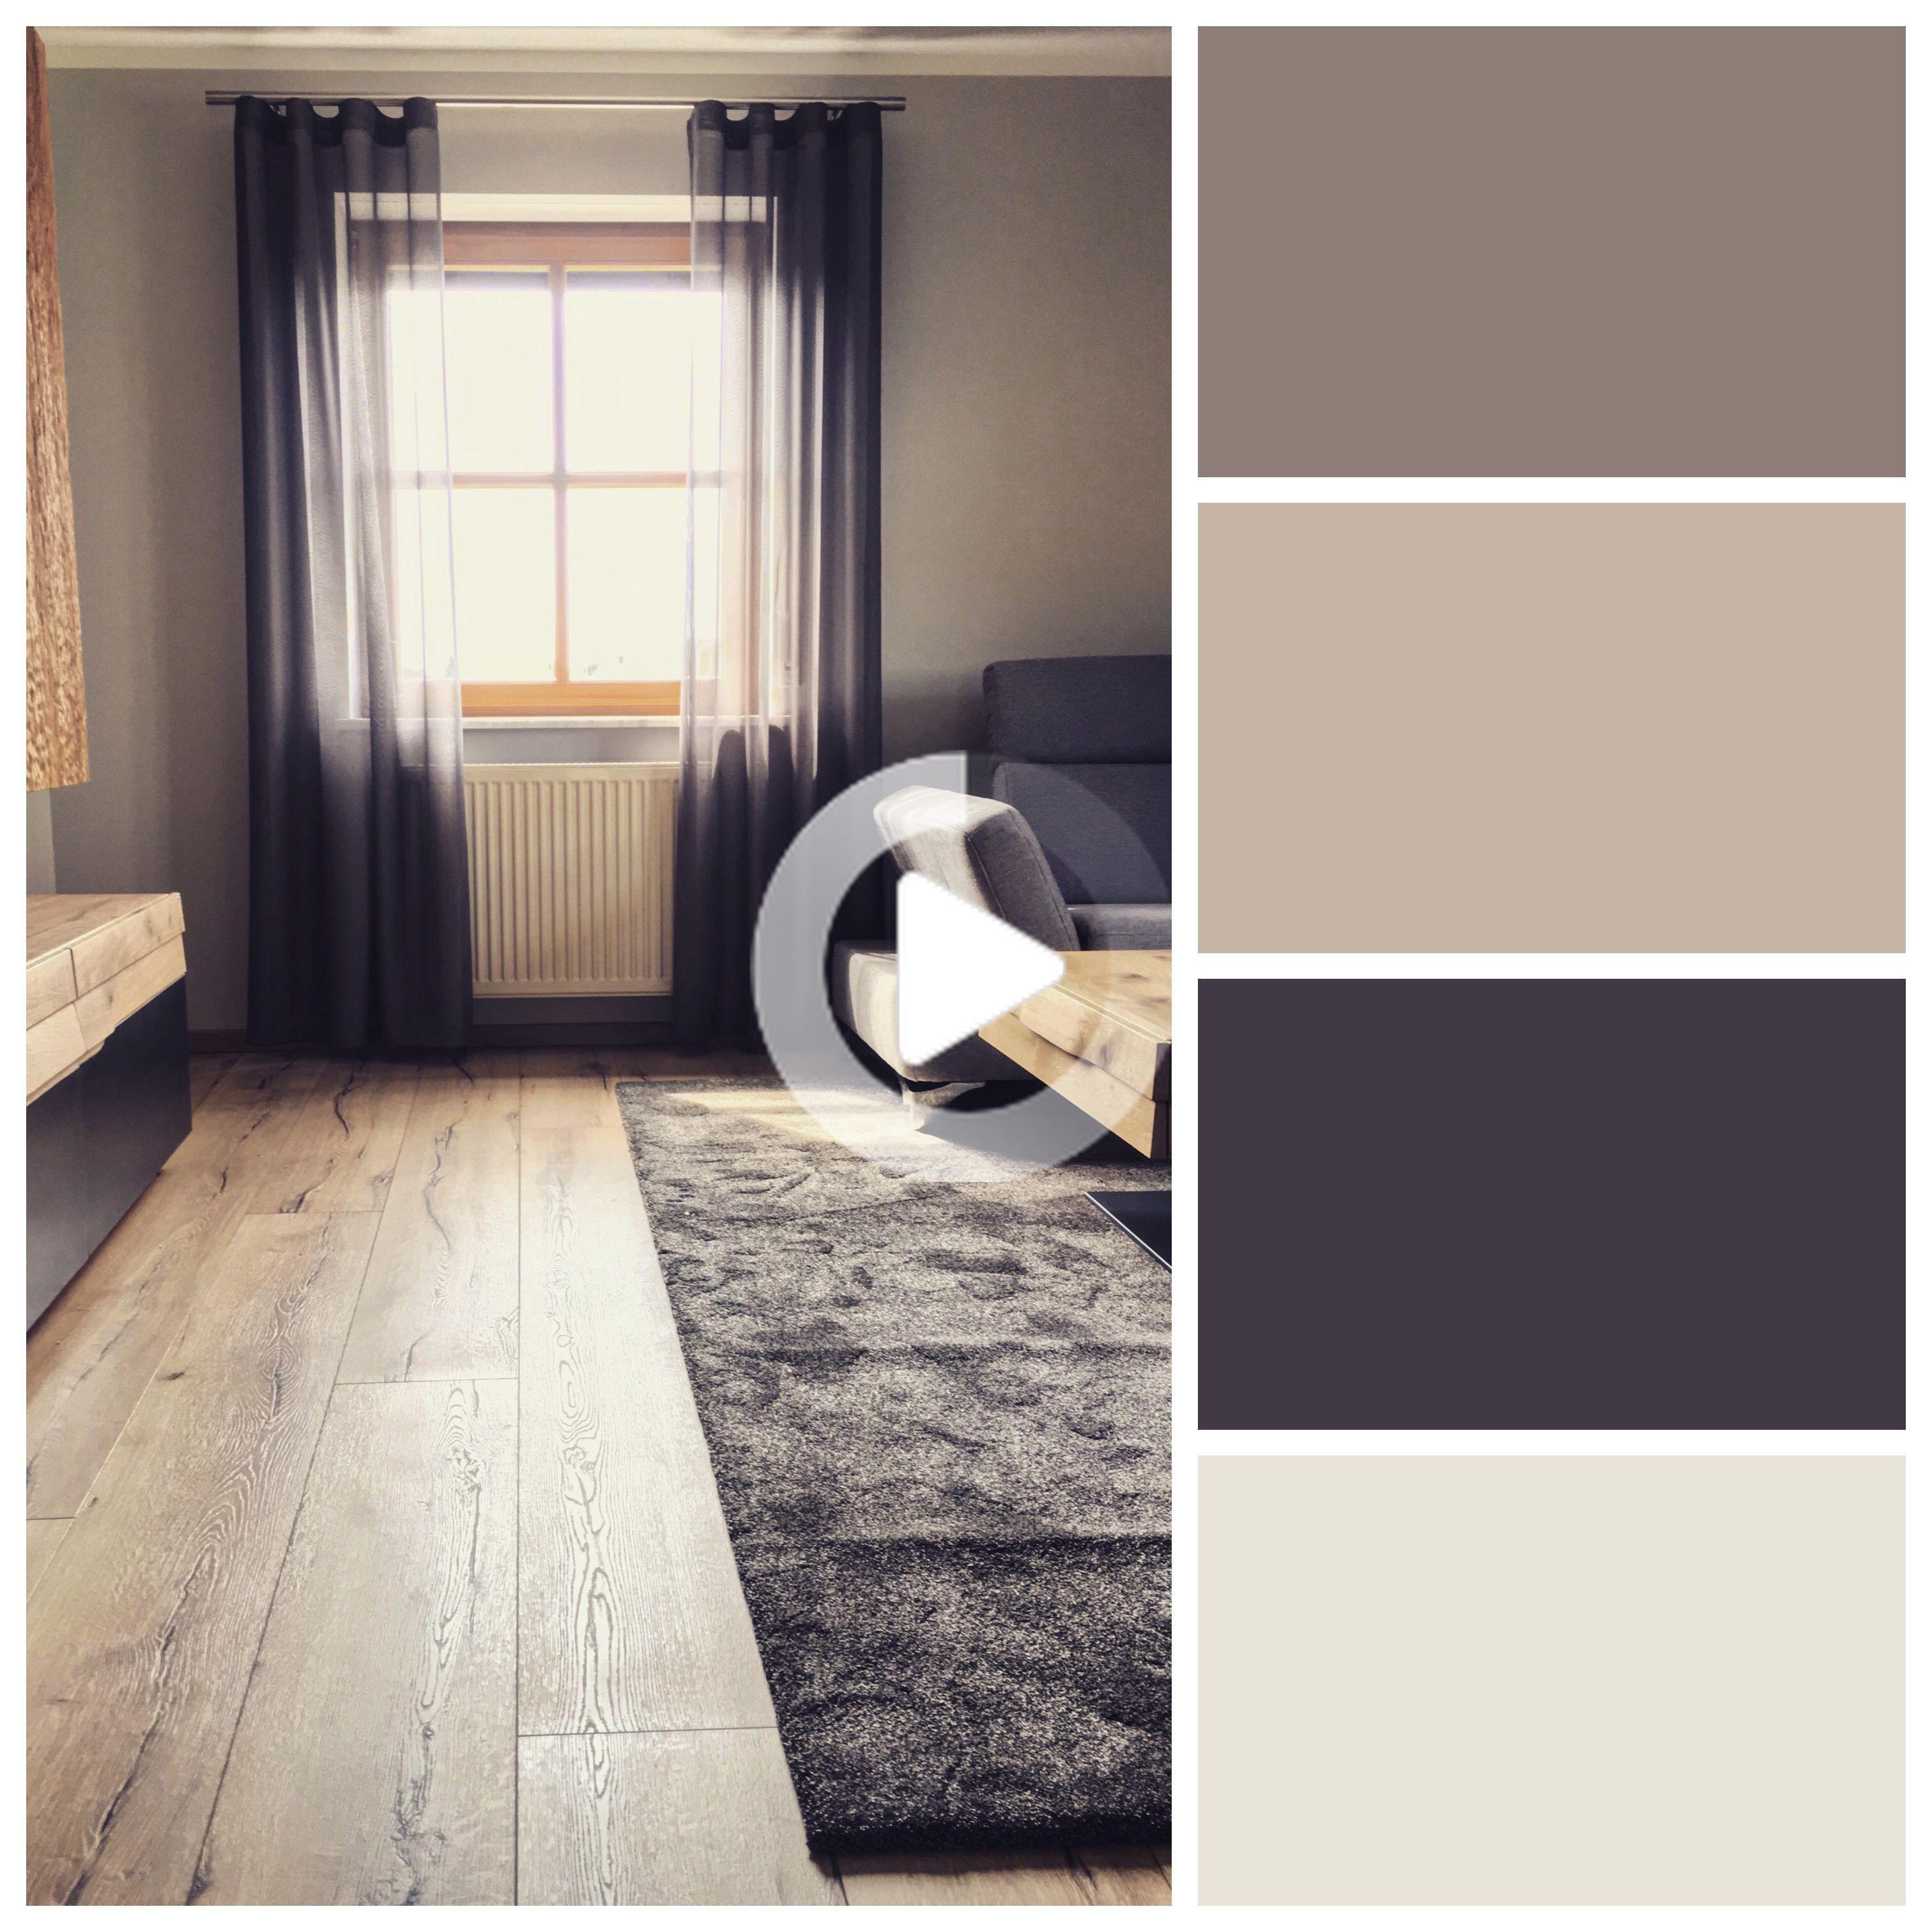 Wohnberatung Planung Einrichtungskonzepte Zum Schöner Wohnen Farbgestaltung Wohnzimmer Wohnzimmer Tapeten Ideen Schöner Wohnen